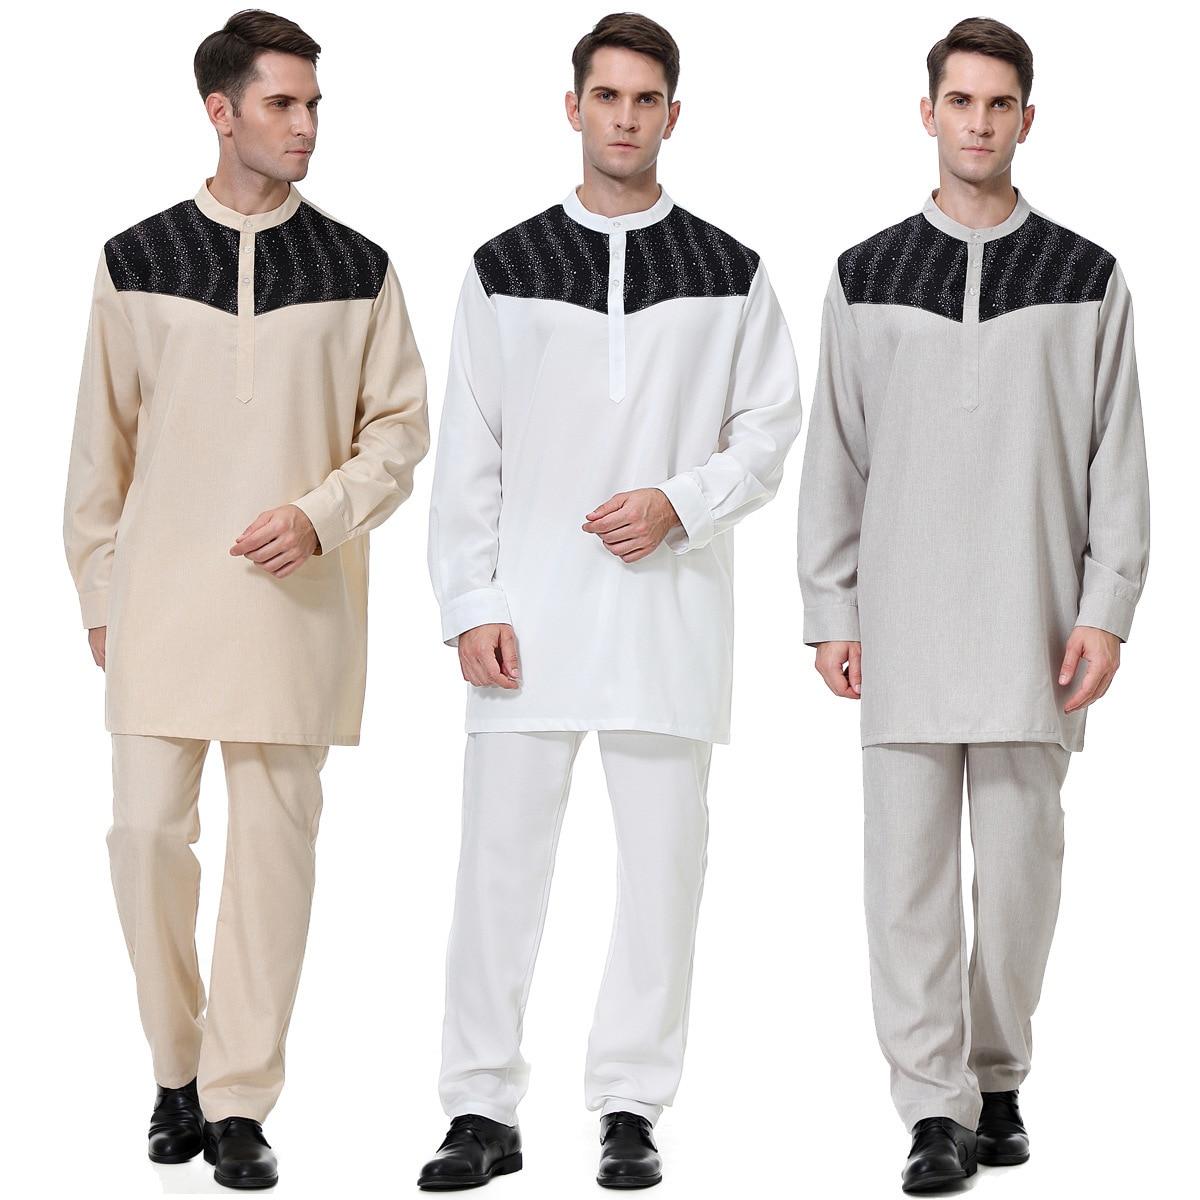 Muçulmano Roupas Homem Terno Dos Homens Vestido